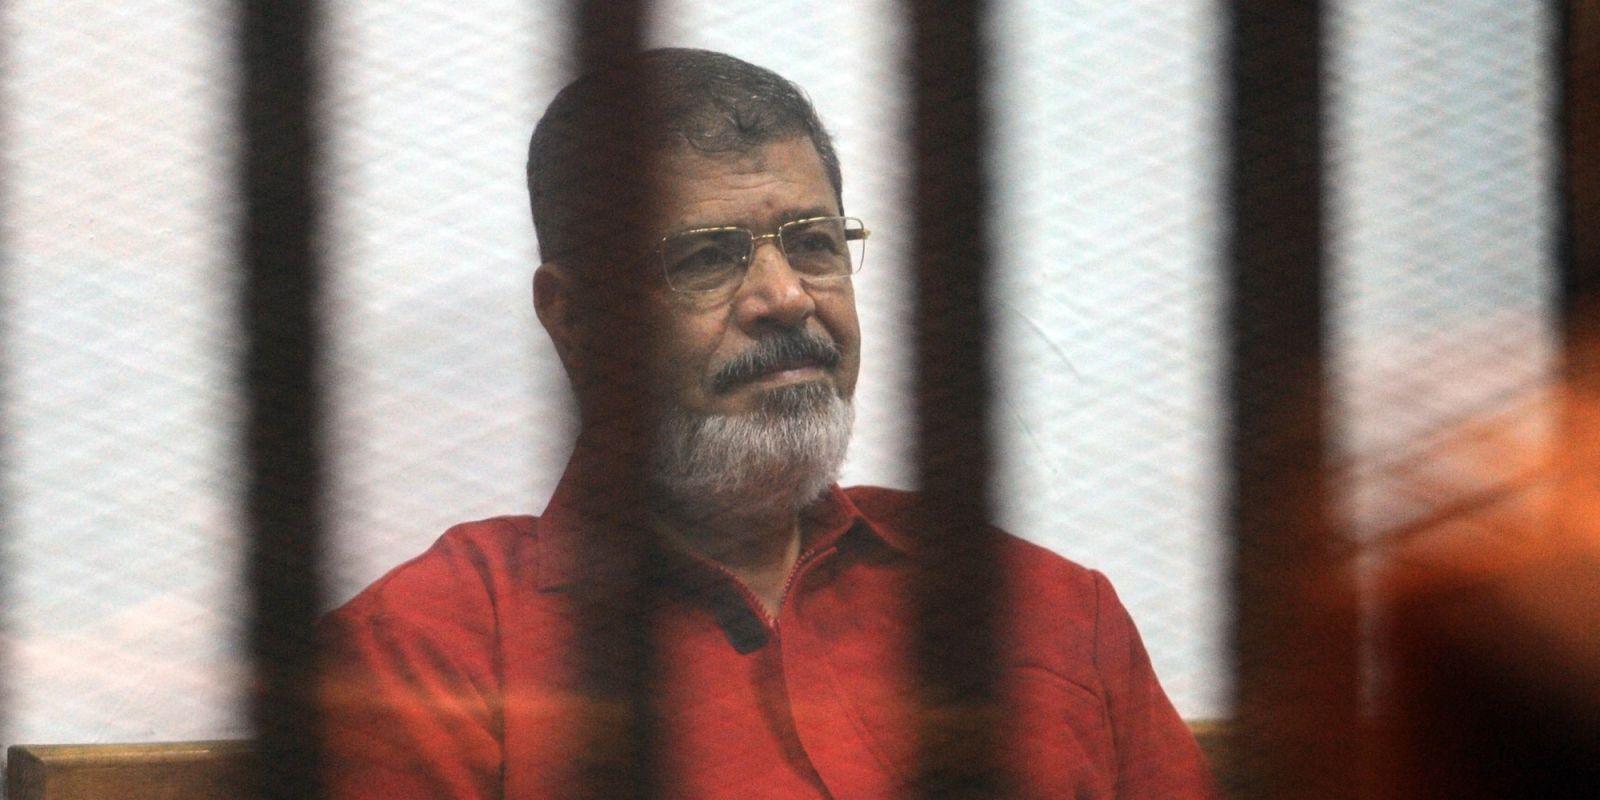 النقض تنظر طعن مرسى فى قضية التخابر الكبرى